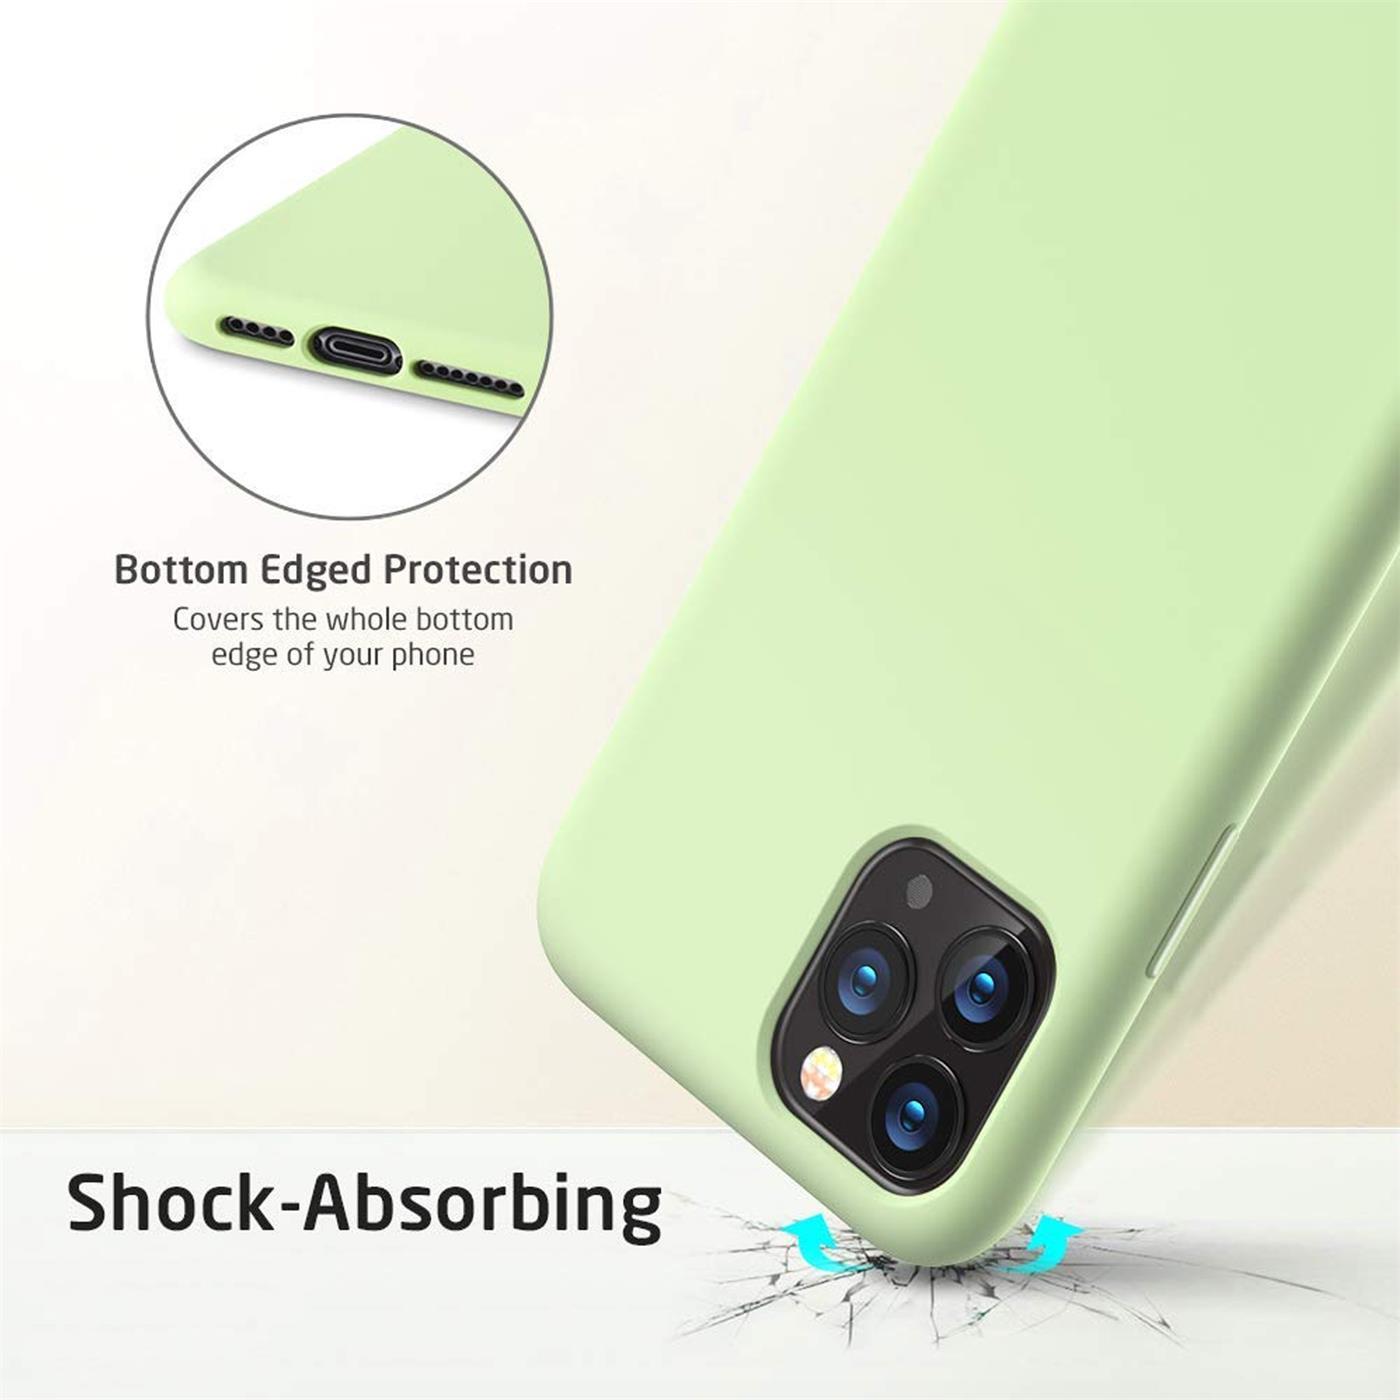 Silikon-Huelle-Schutzhuelle-Handy-Tasche-Handyhuelle-Slim-Case-Cover-Duenn-matt-Etui Indexbild 18